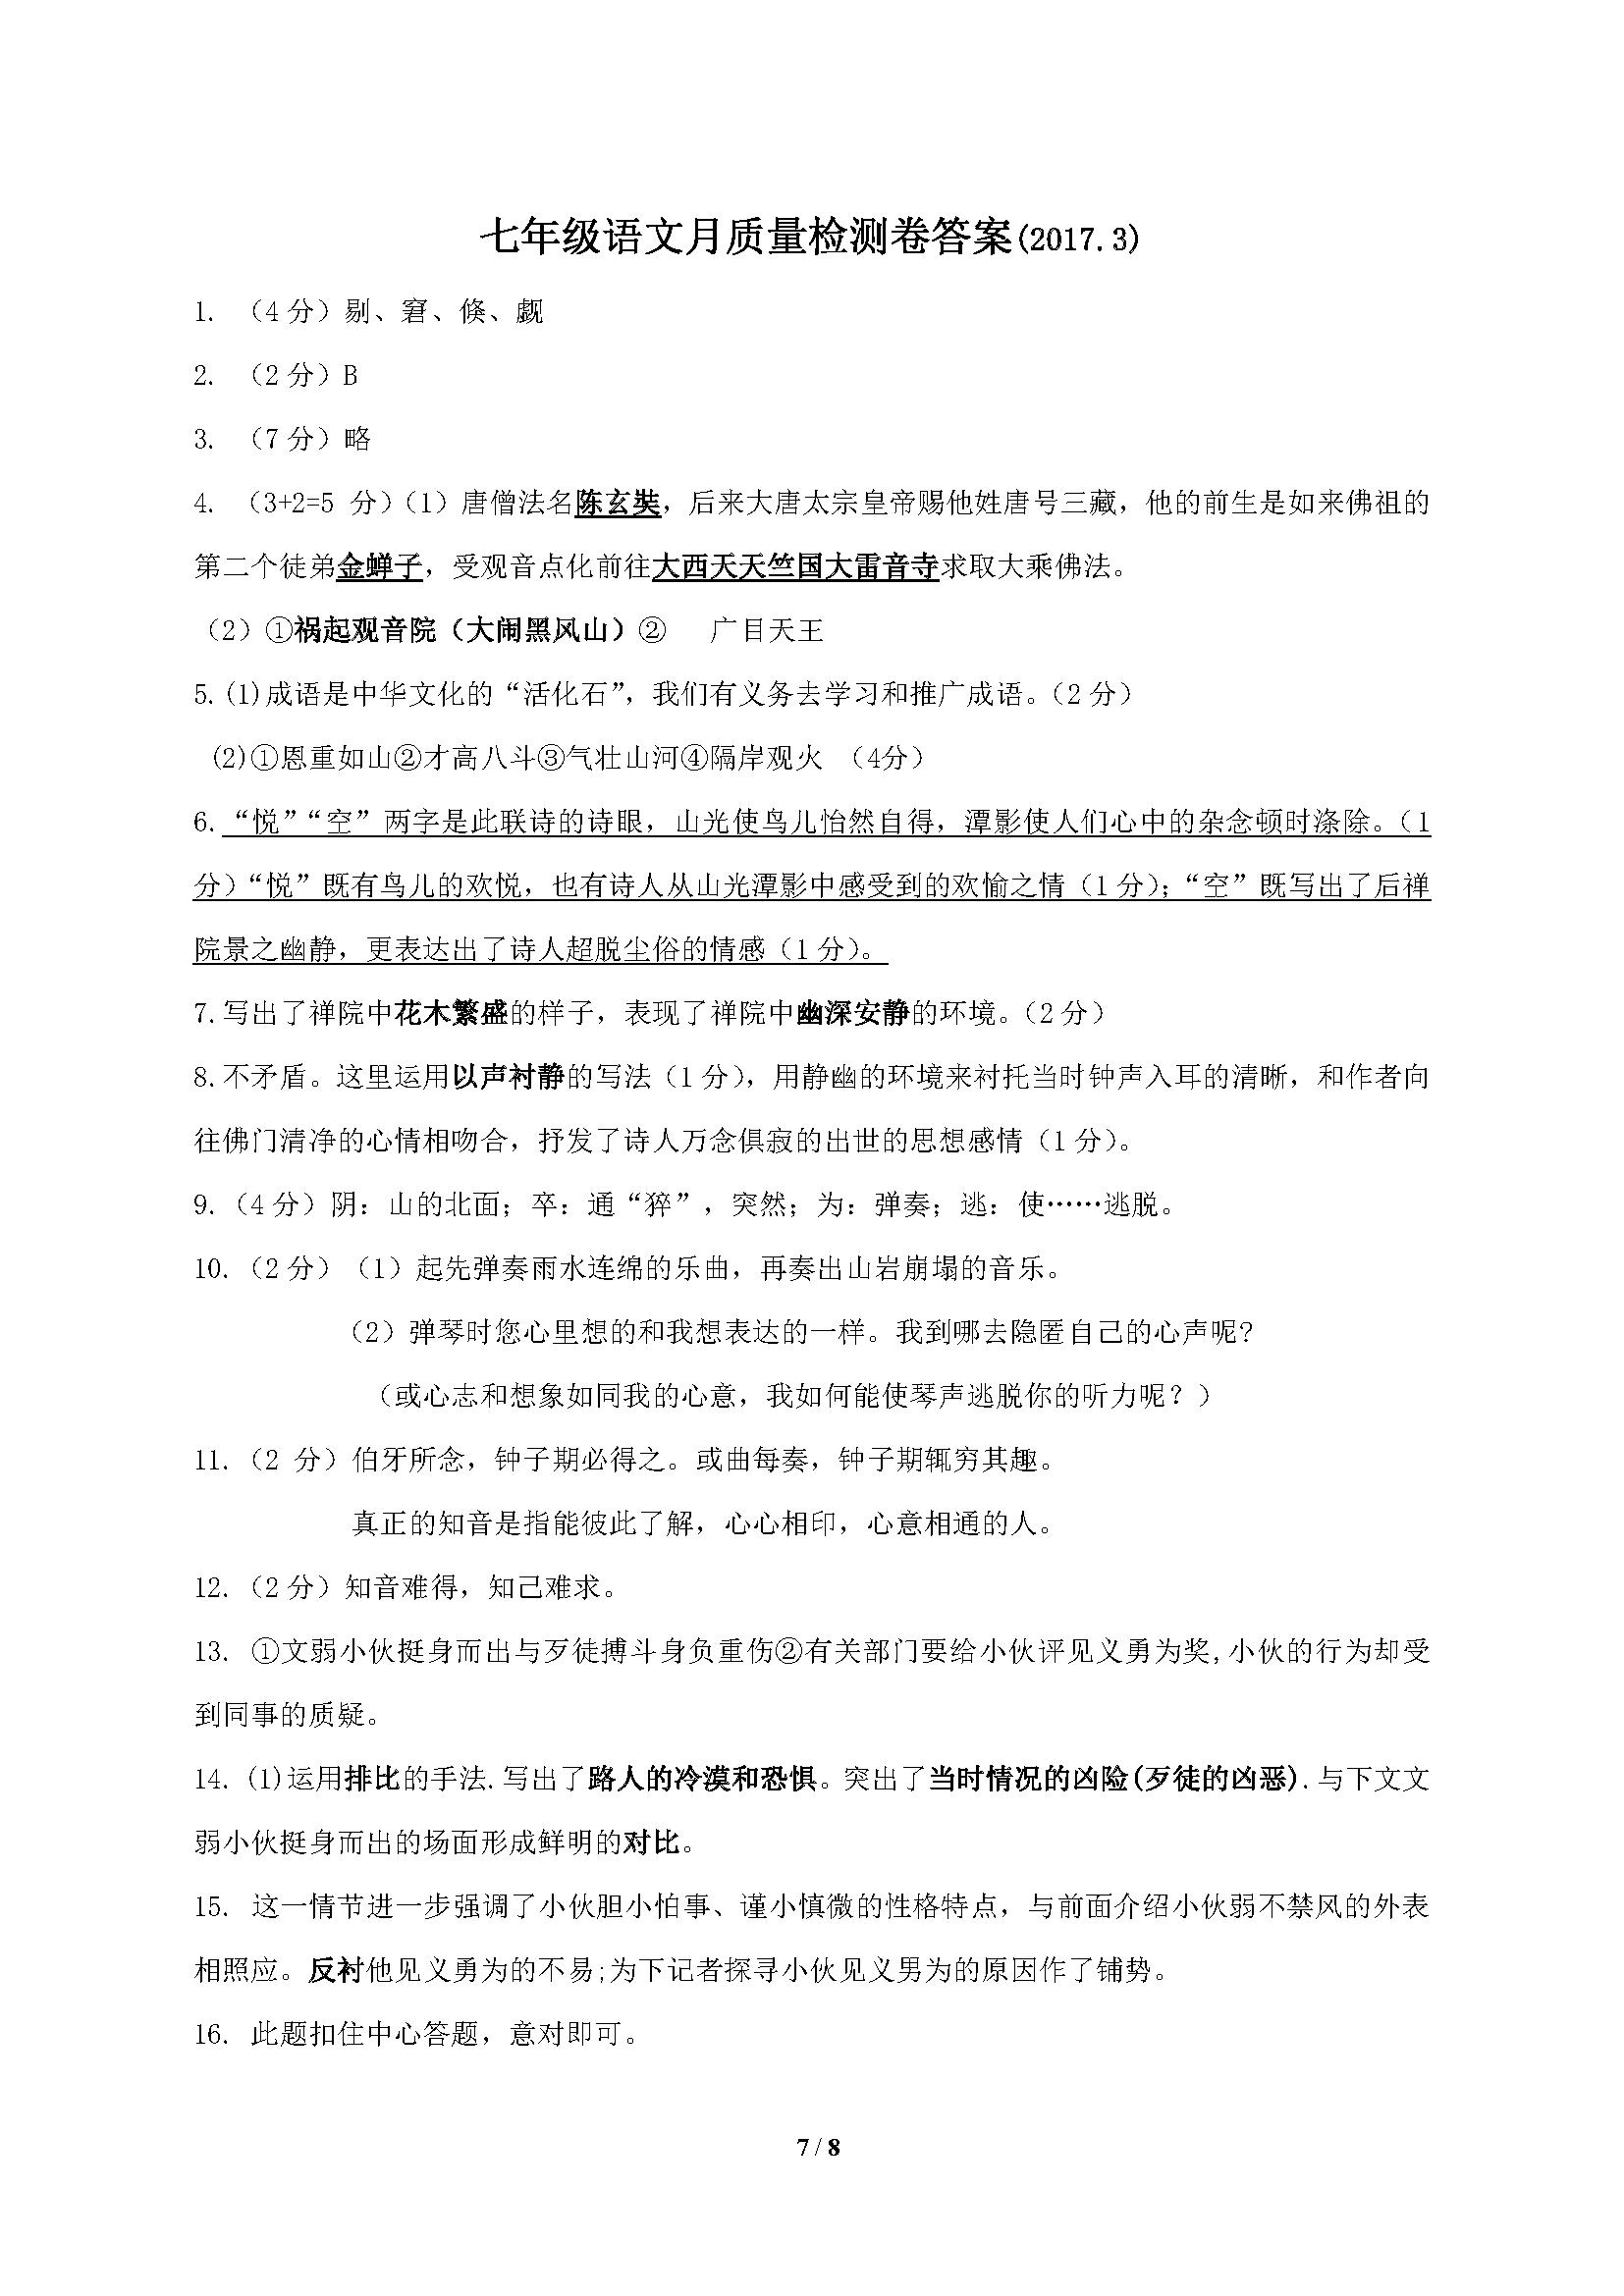 2017年江苏镇江丹阳实验学校七年级3月月考语文试题答案(Word版)